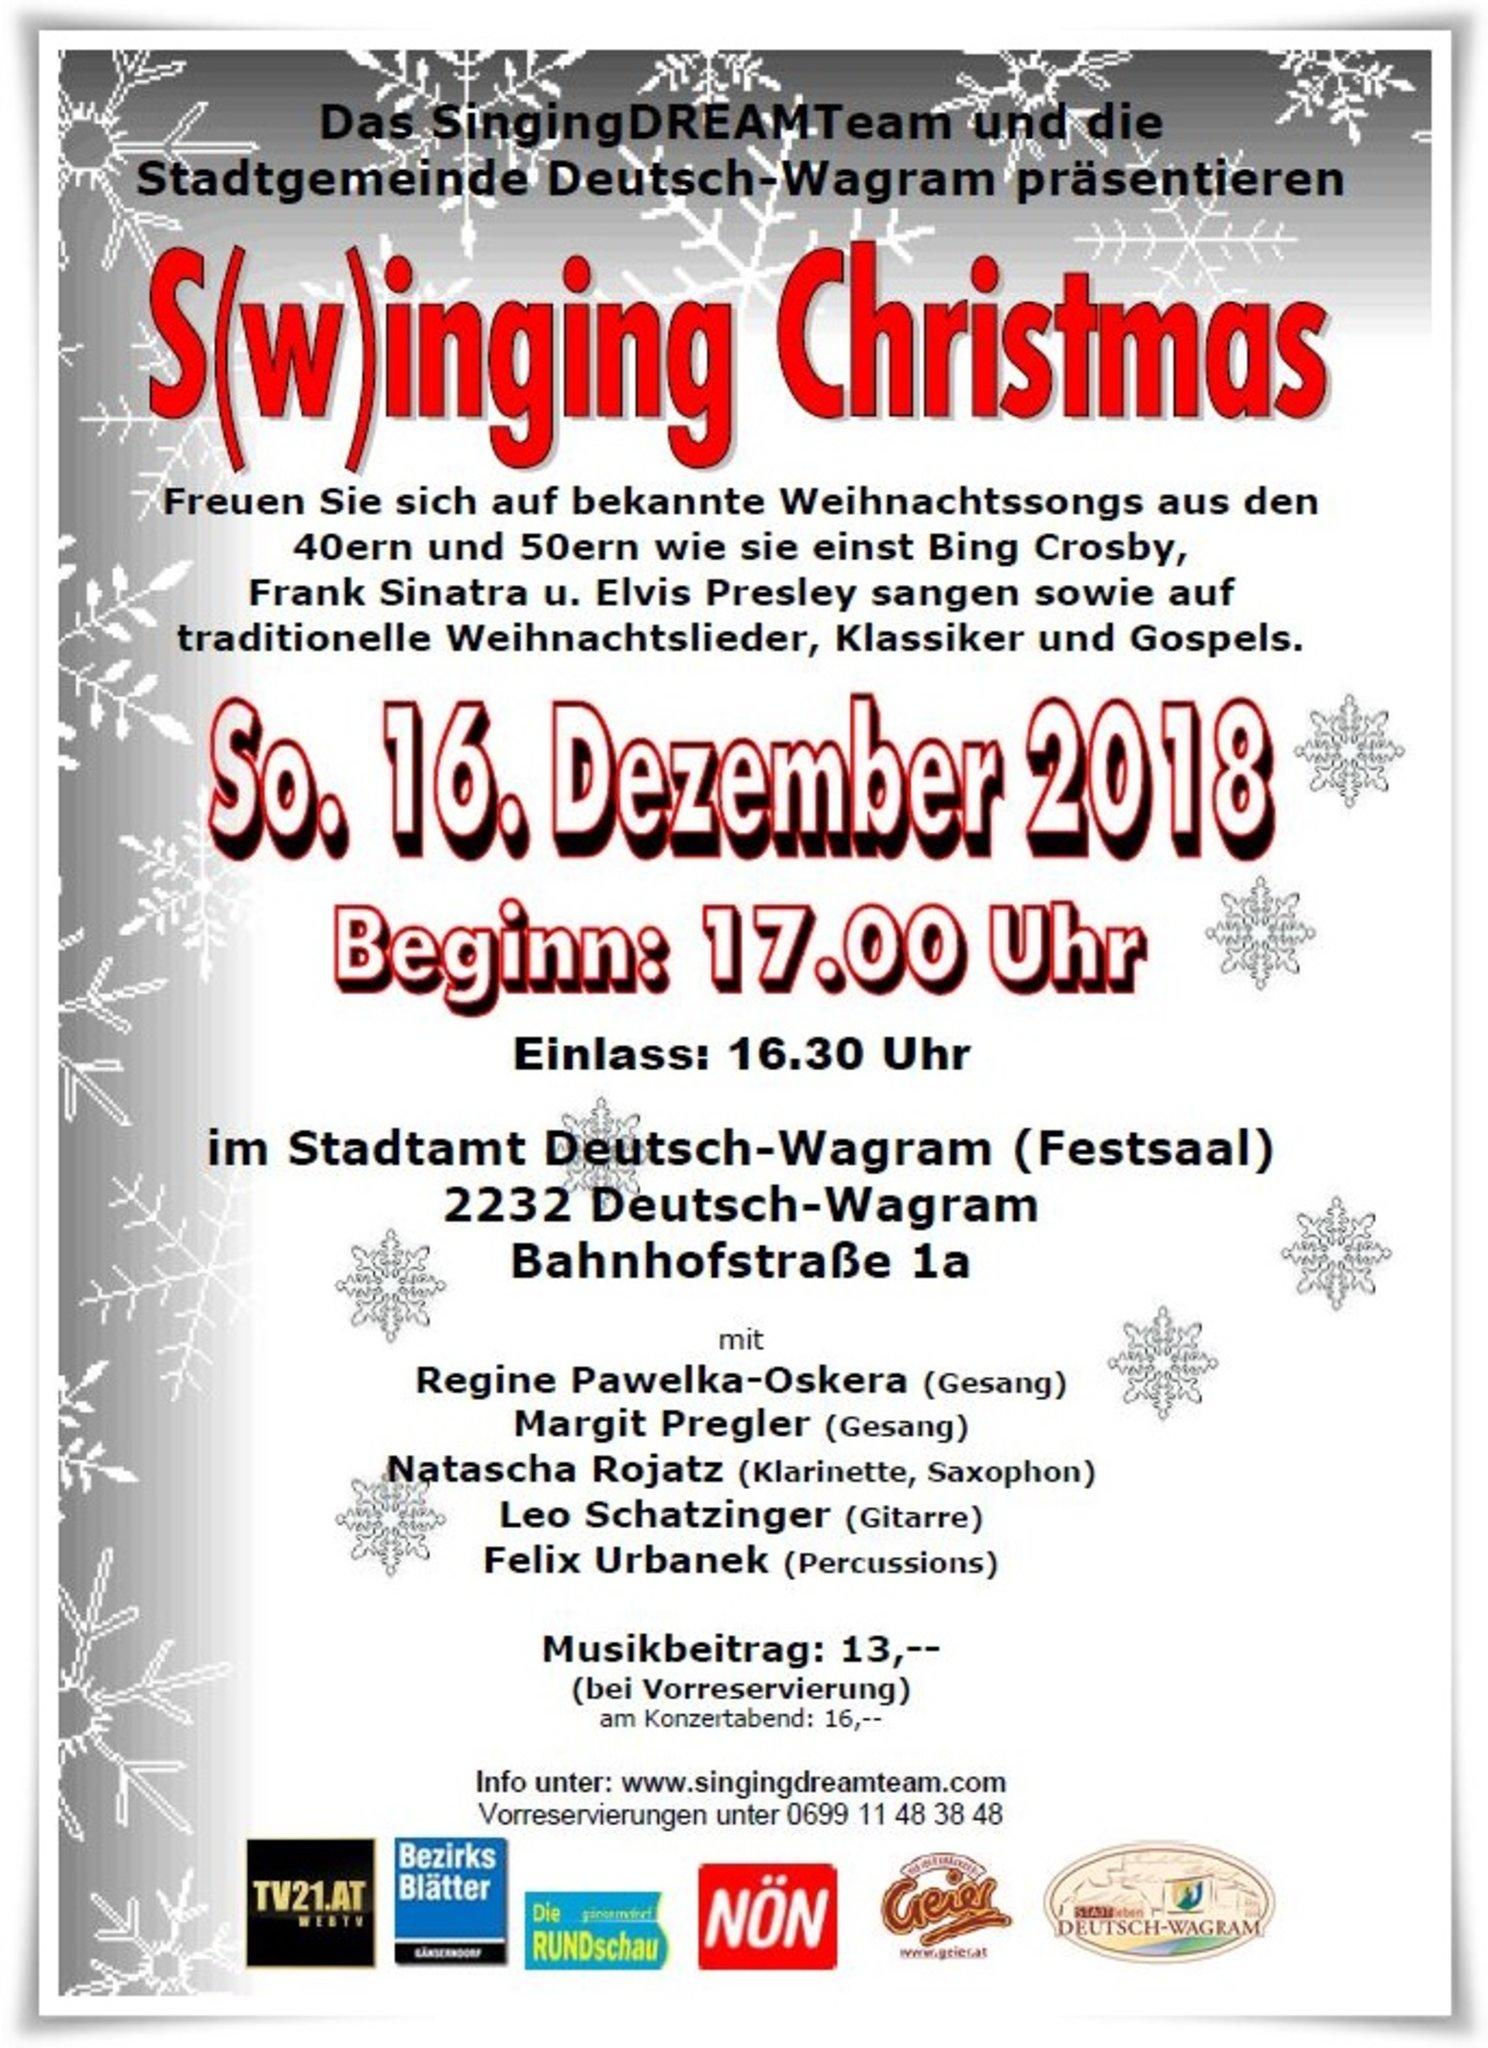 Traditionelle Weihnachtslieder.S W Inging Christmas Im Stadtamt Deutsch Wagram Swing Gospel